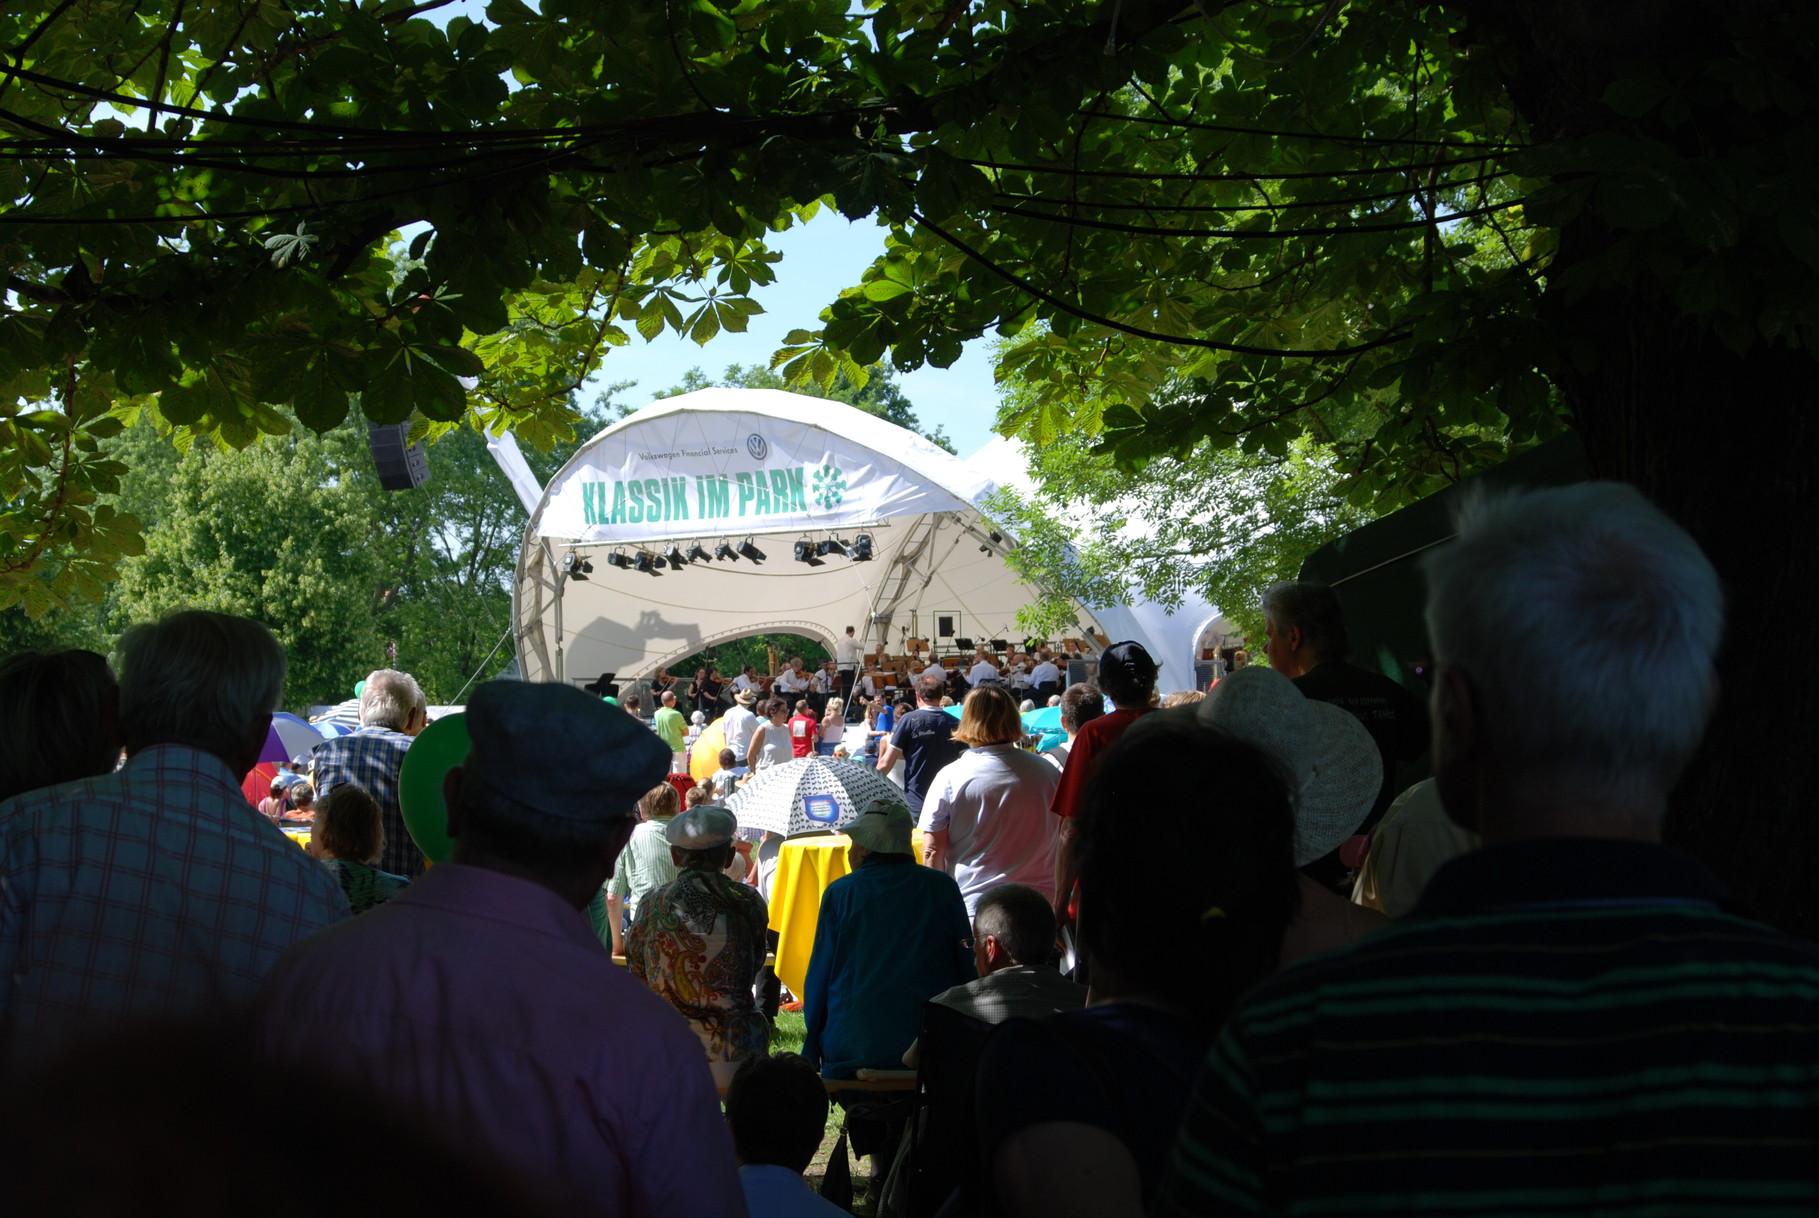 Orchester Open Air, Klassik Open Air, Klassik im Park Braunschweig, Konzertmuschel